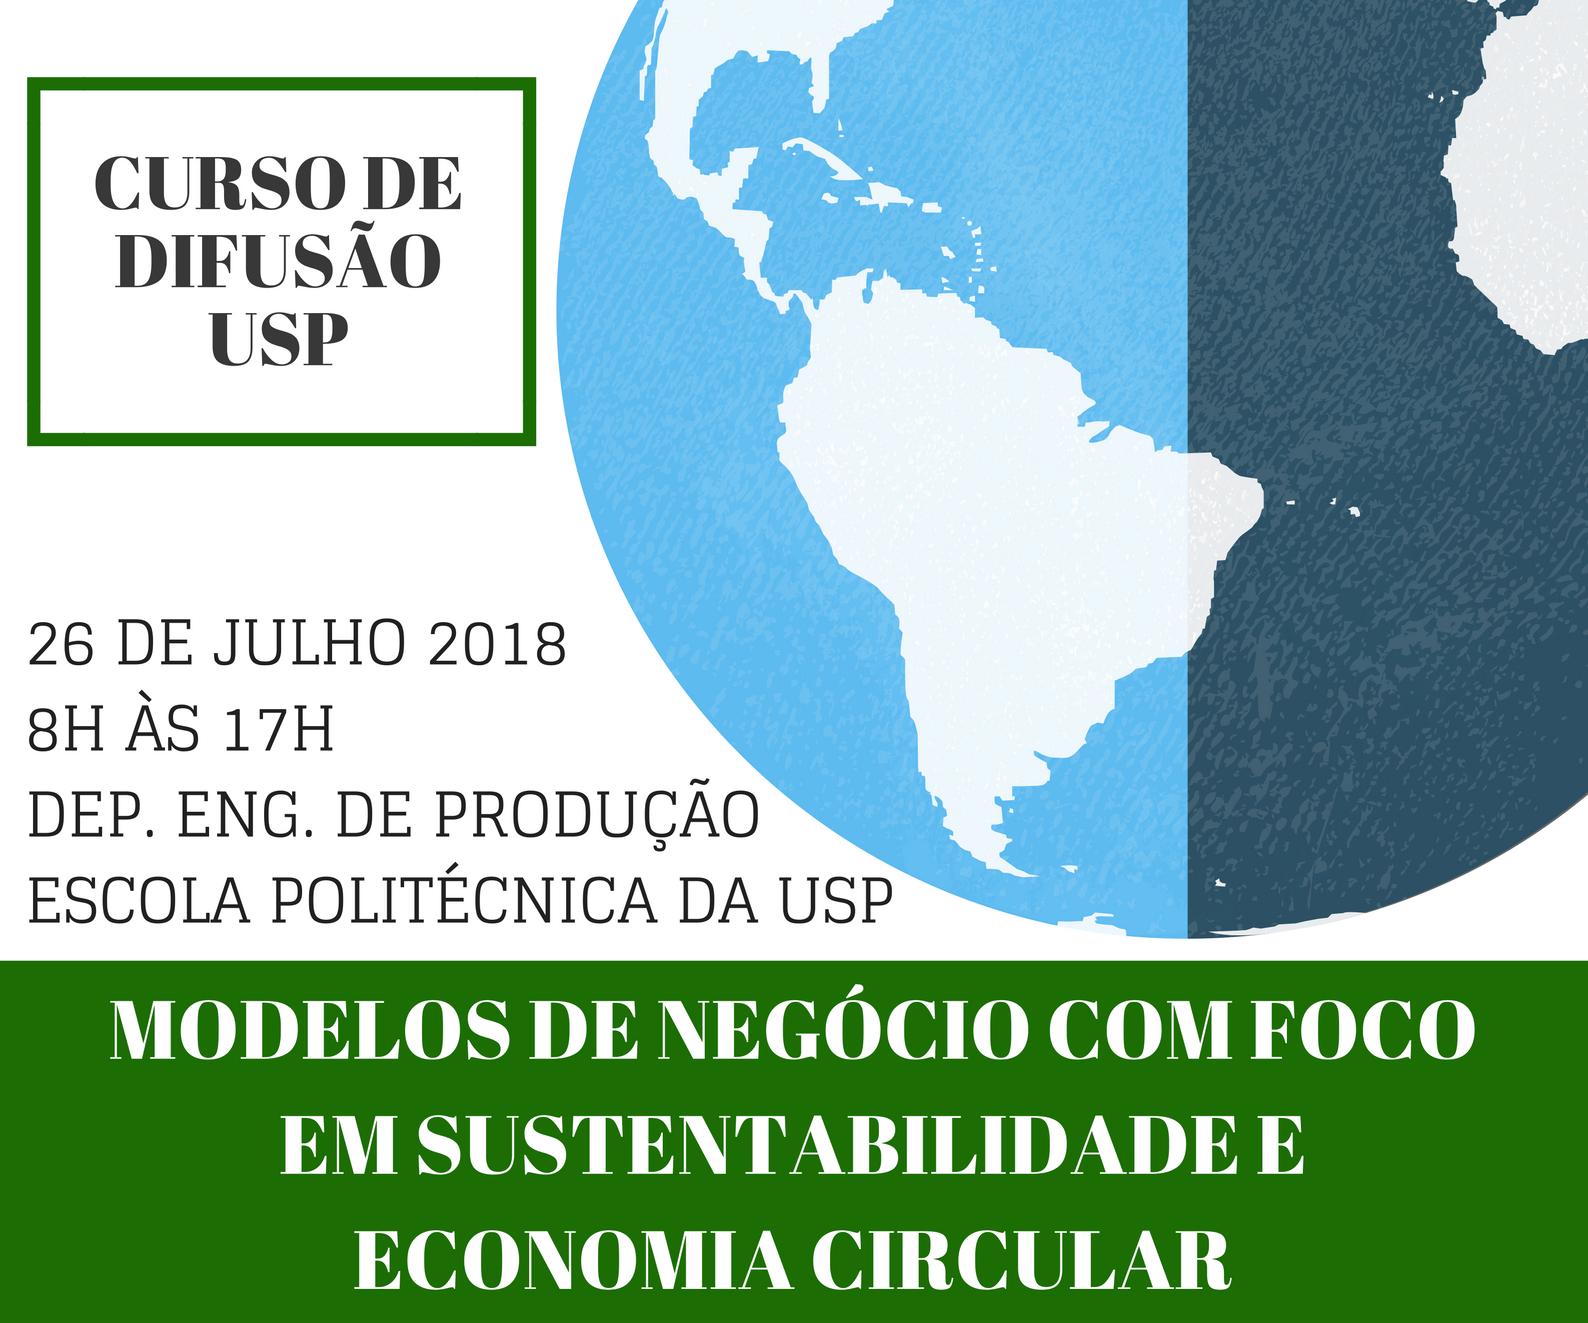 Modelos de Negócios com foco em Sustentabilidade e Economia Circular